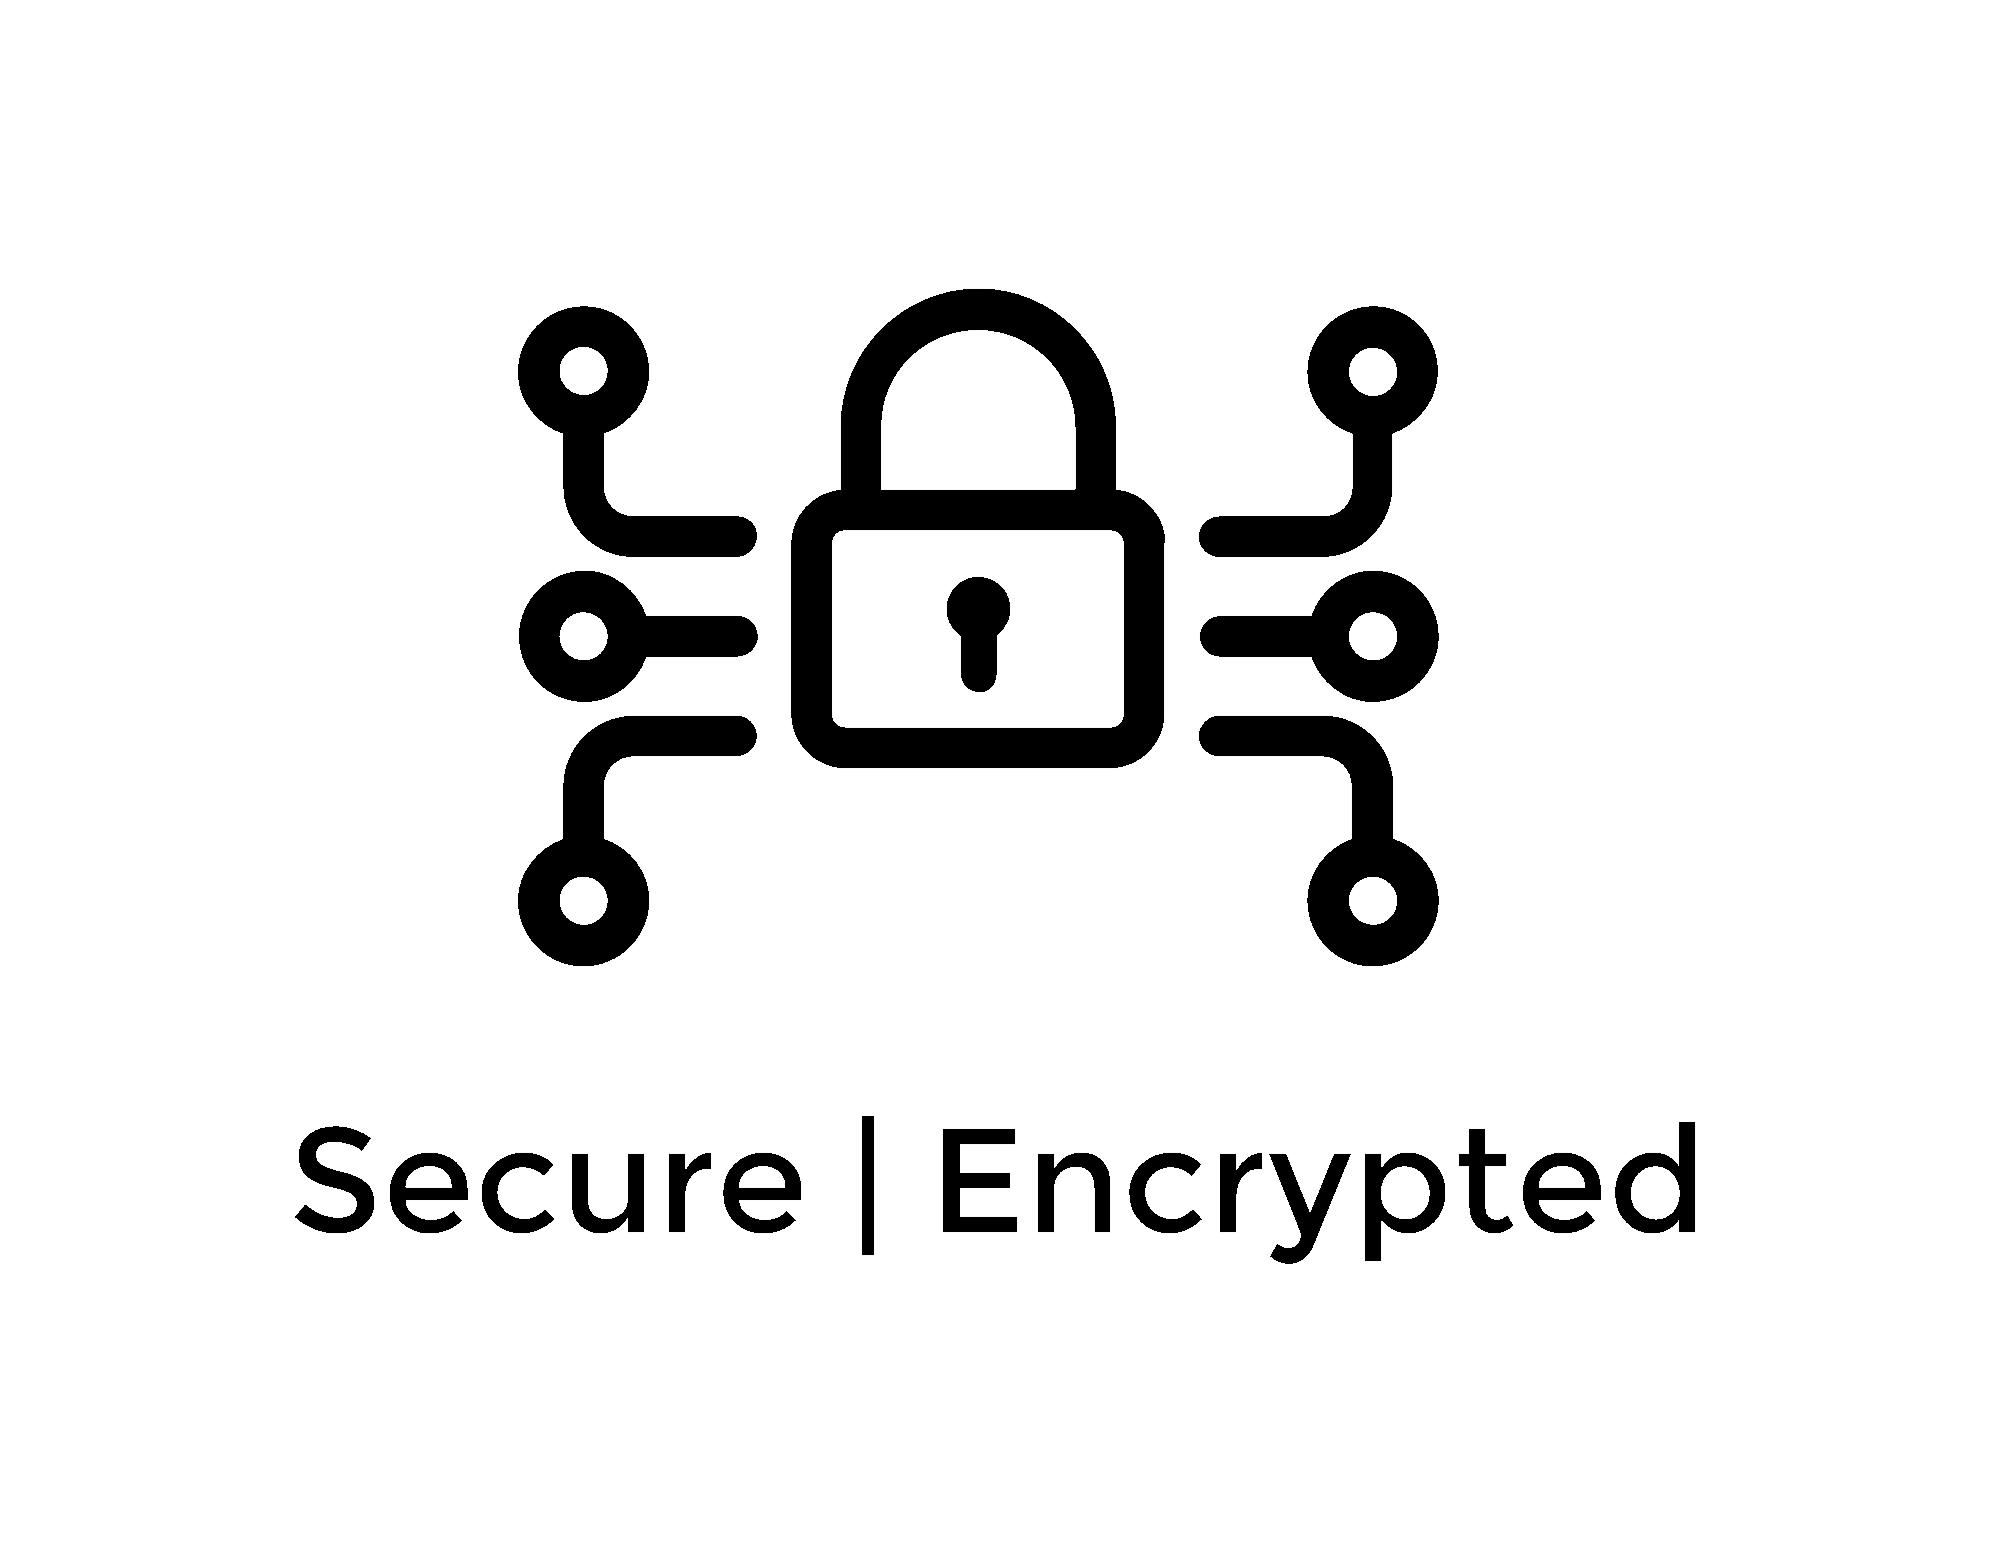 Secure _ Encrypted-logo black.png